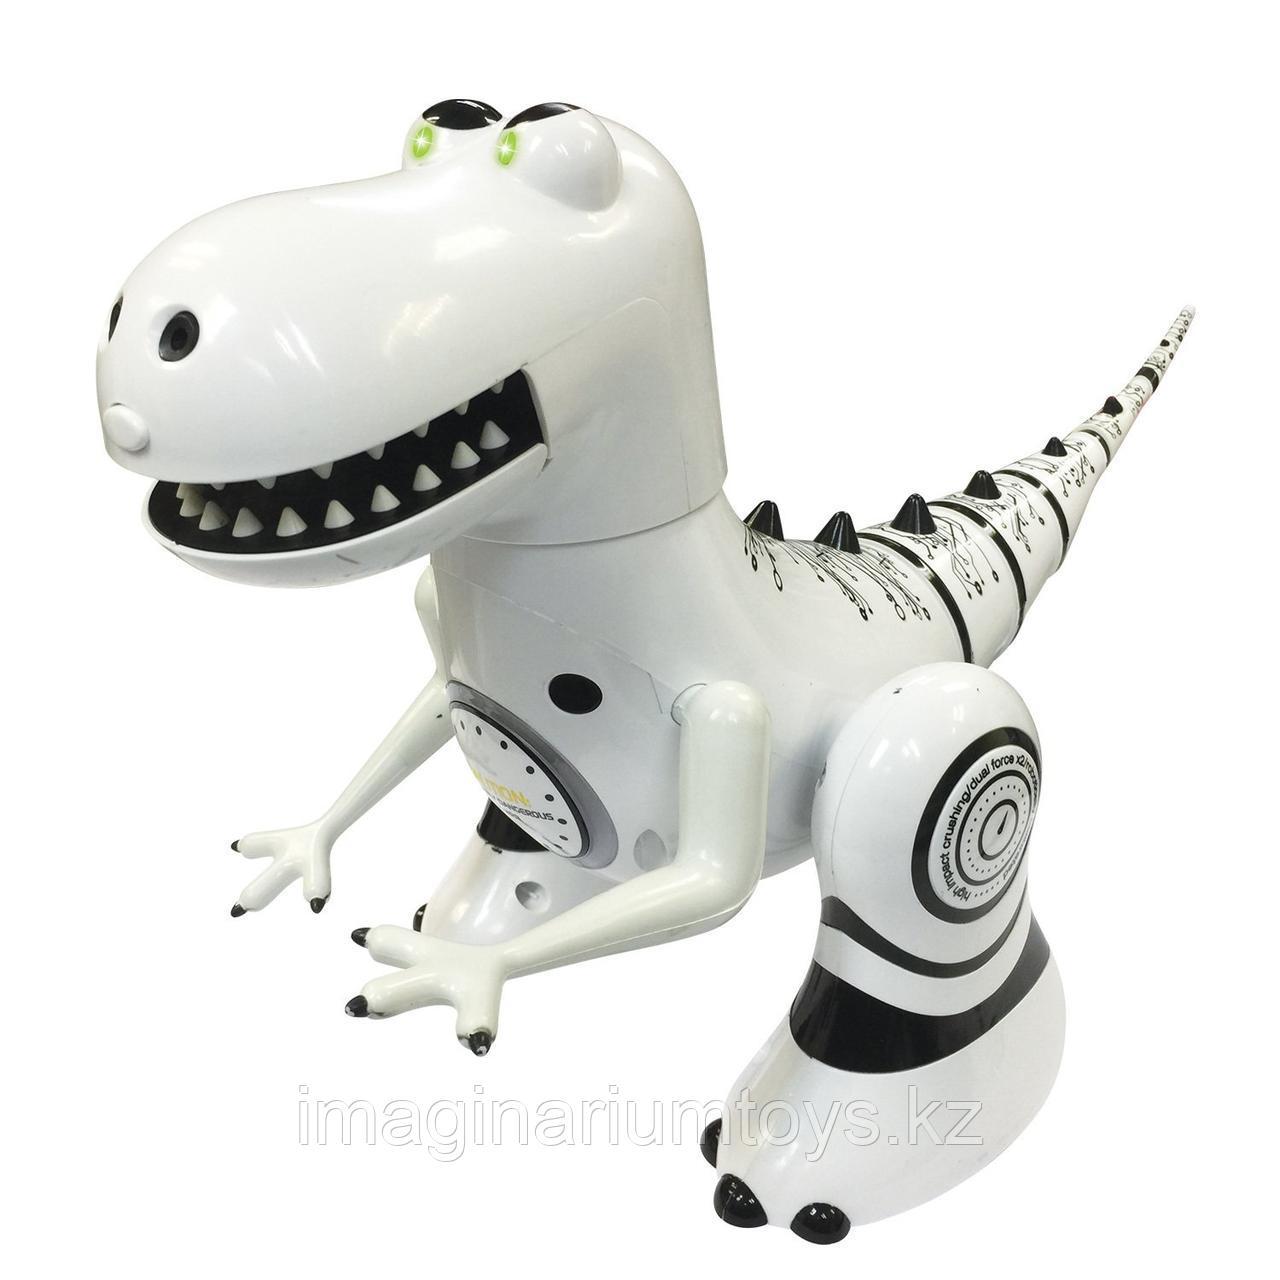 Робот динозавр Робозавр Silverlit